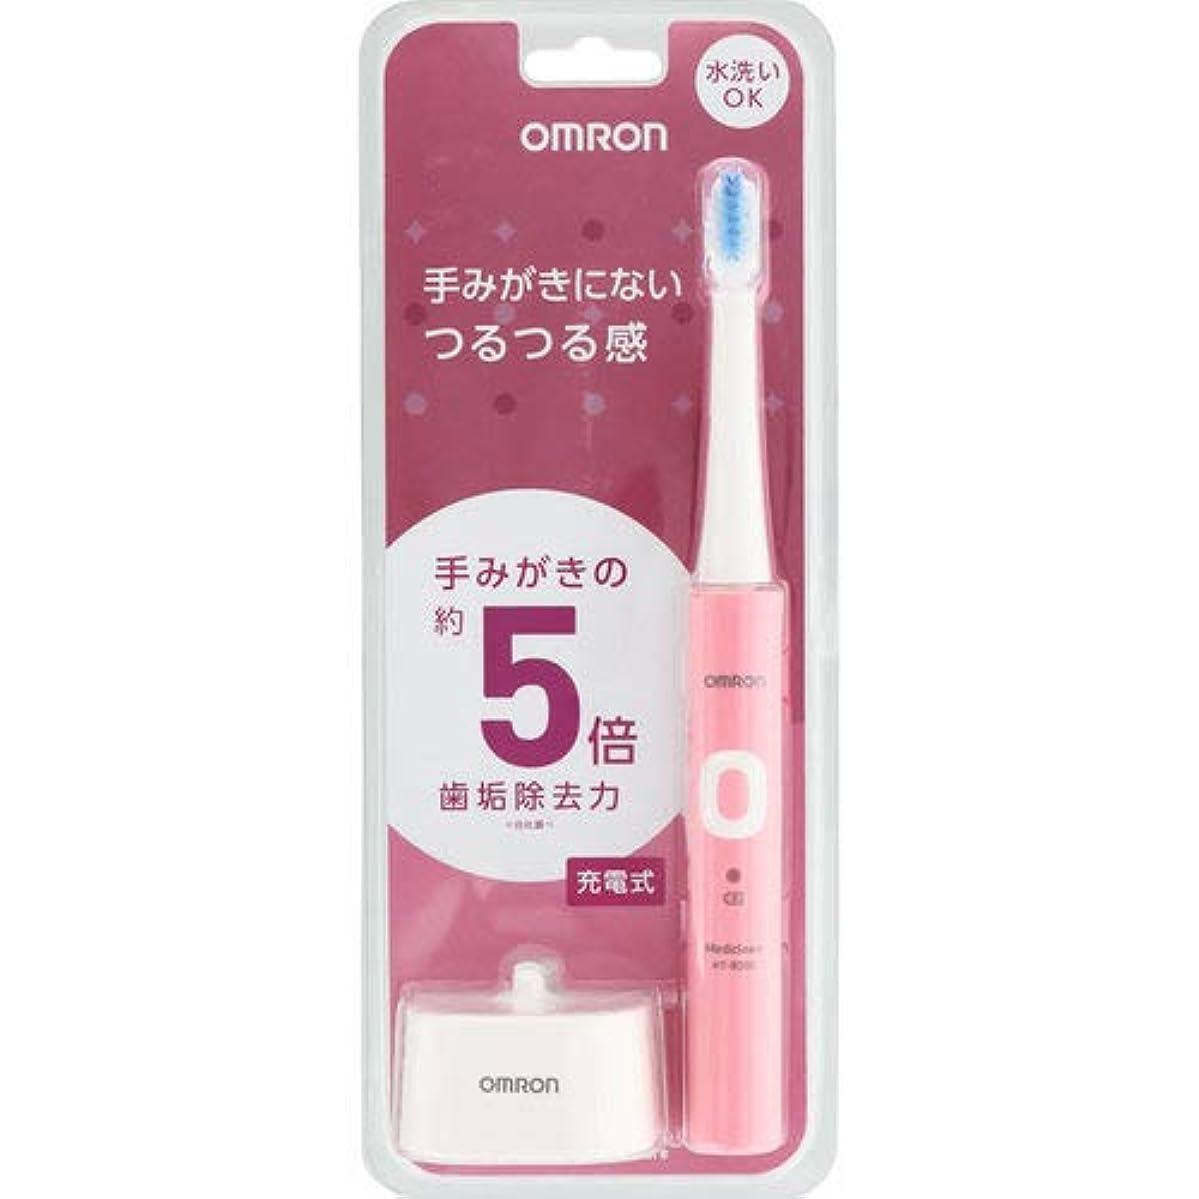 存在グリット似ているオムロン 電動歯ブラシ HT-B303-PK ピンク 充電式